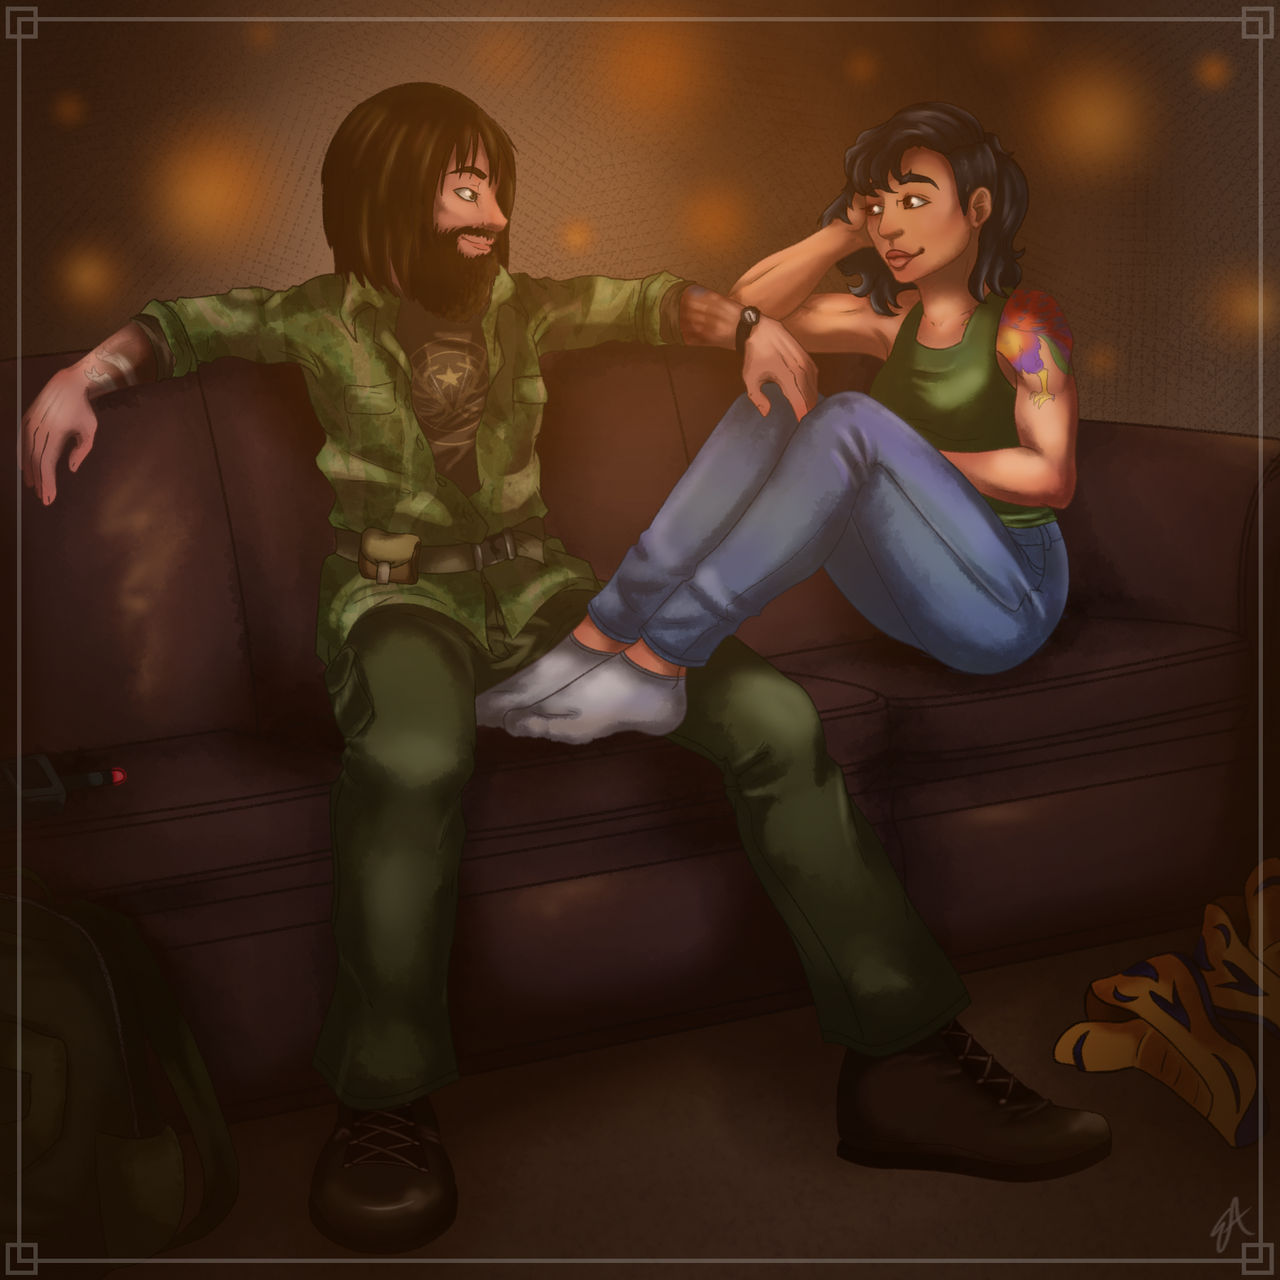 23 Deputy Astrid Rook Eli Palmer Far Cry 5 By Blisseach On Deviantart